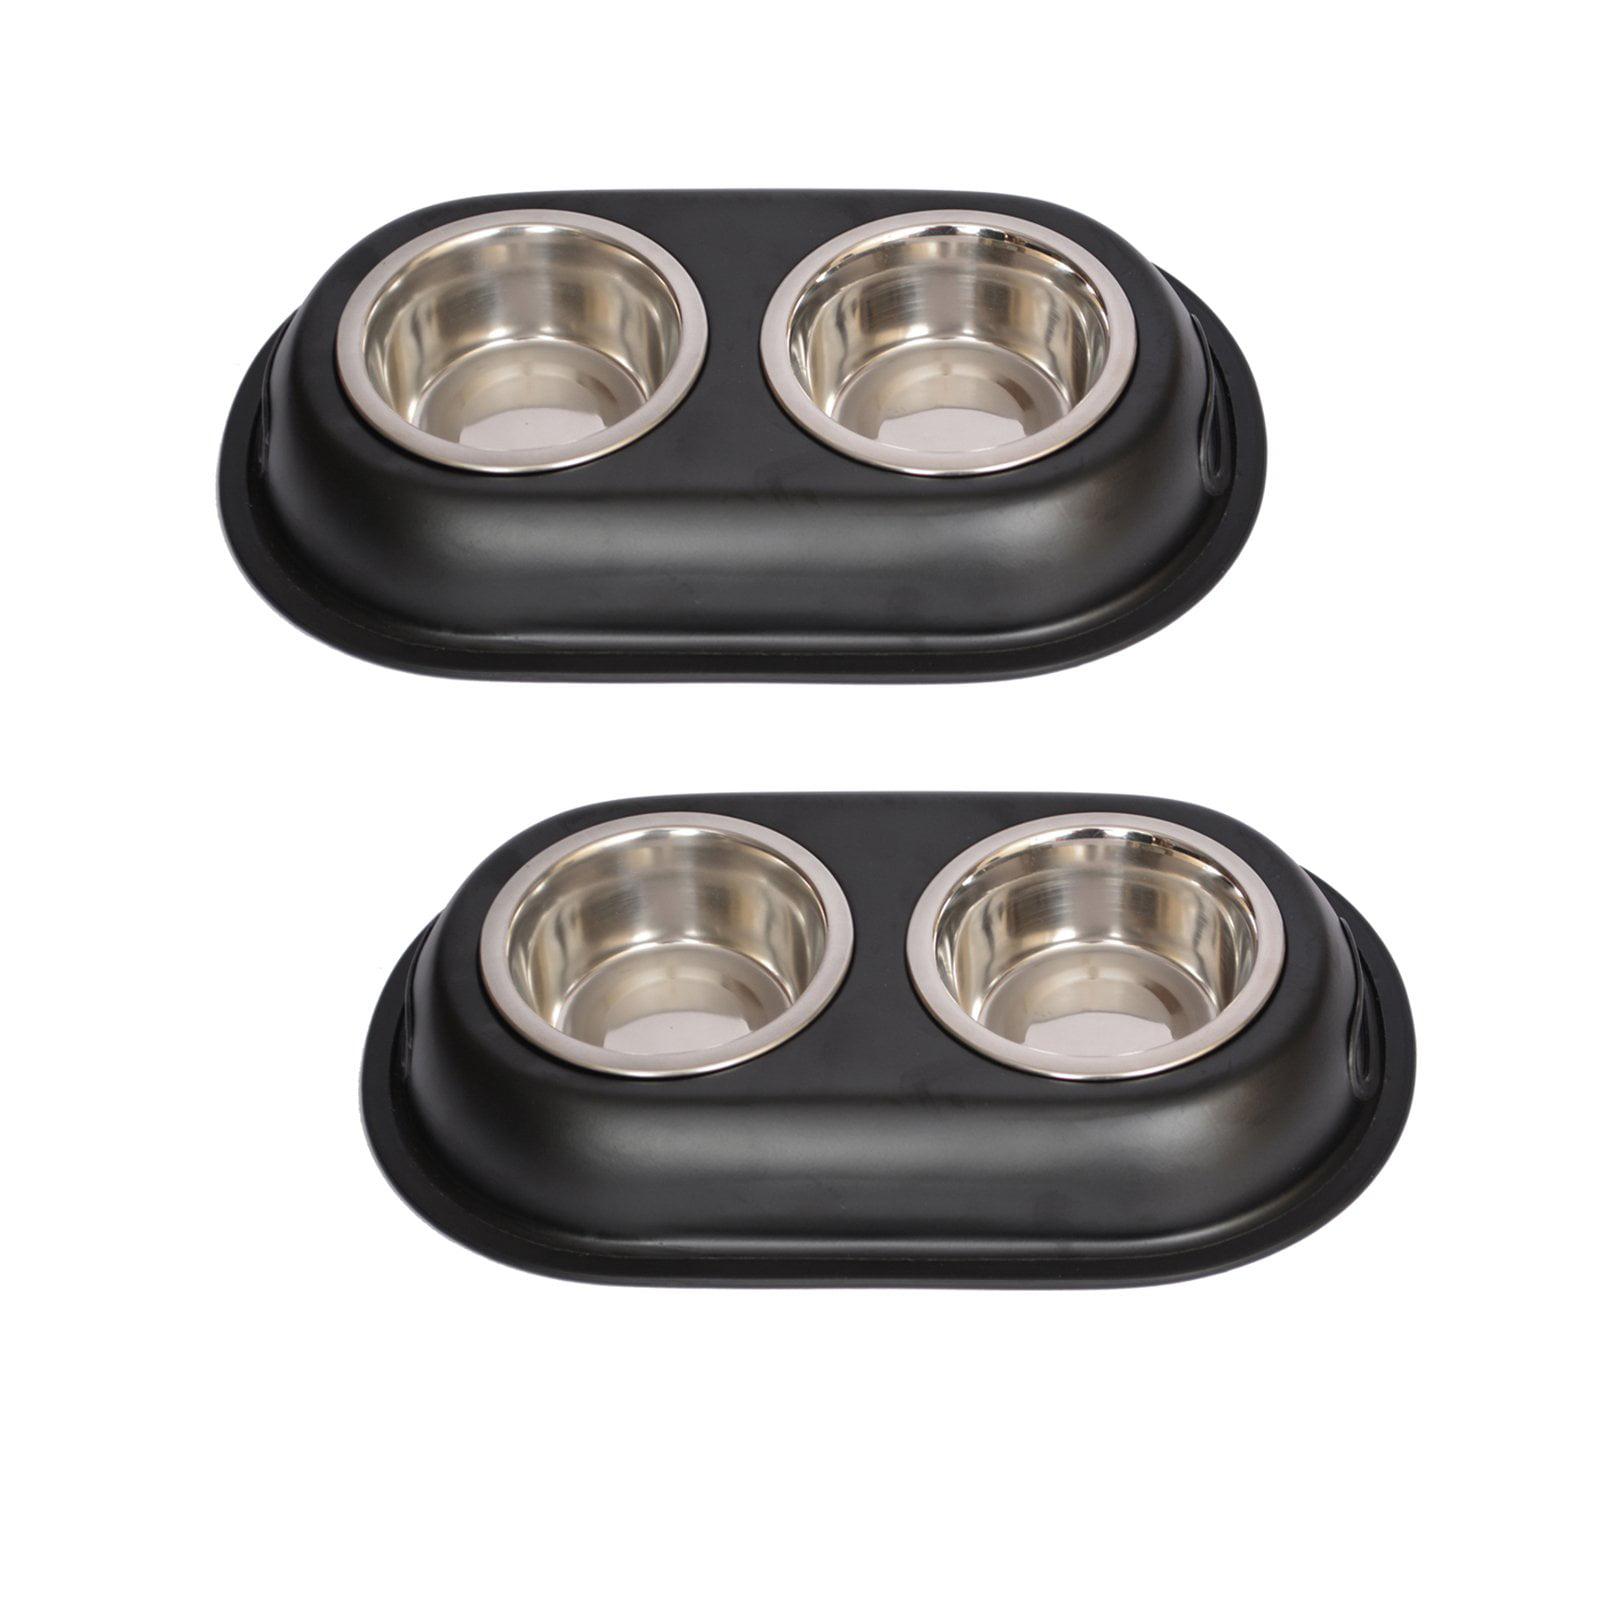 2-Pack Color Splash Stainless Steel Double Diner (Black) For Dog/Cat, 1/2 Pt, 8 Oz, 1 Cup